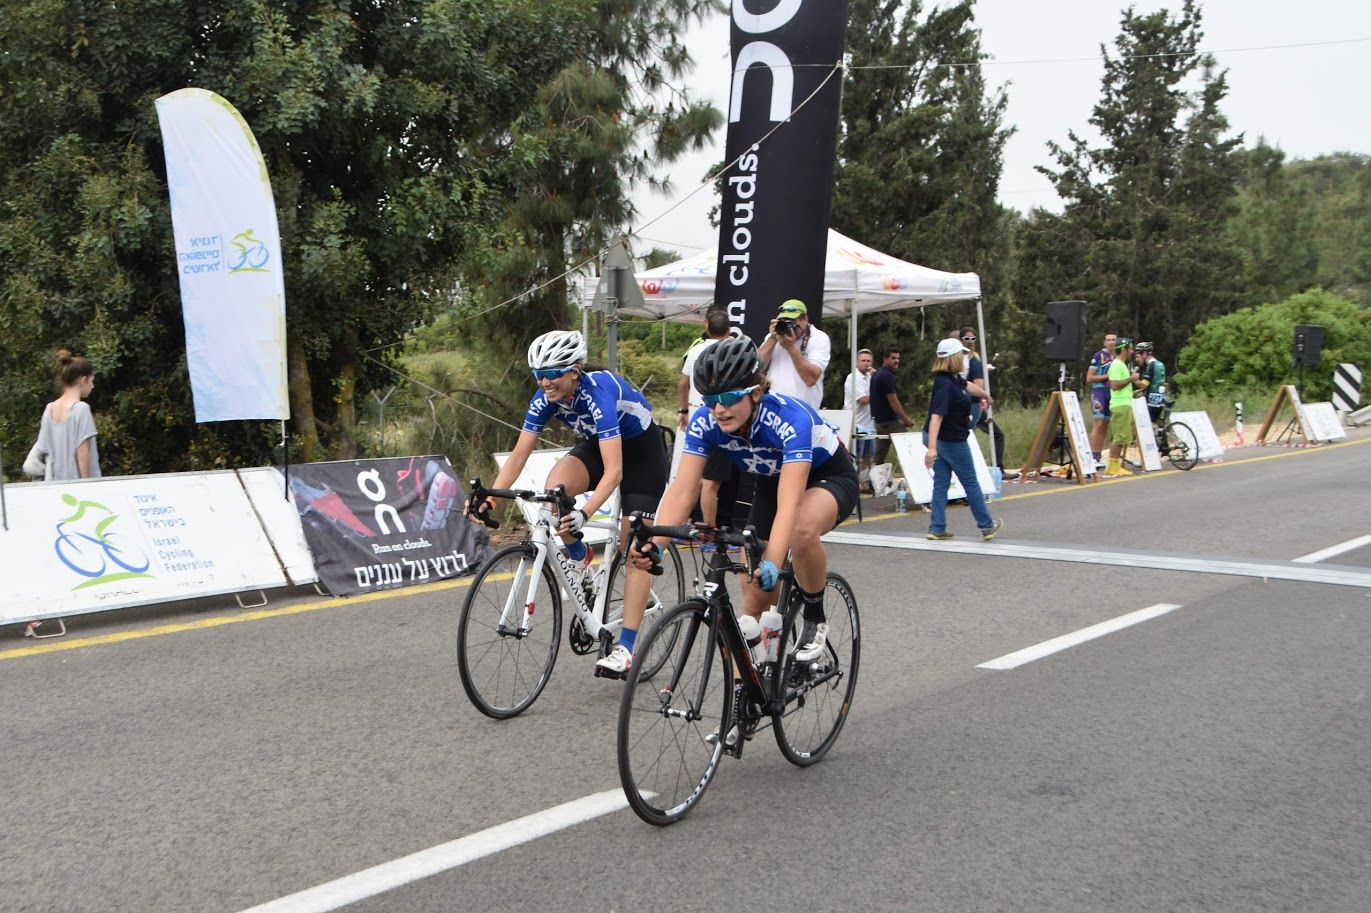 הילה יצחק מנצחת את חברתה לנבחרת ישראל אחרי שעבדו ביחד